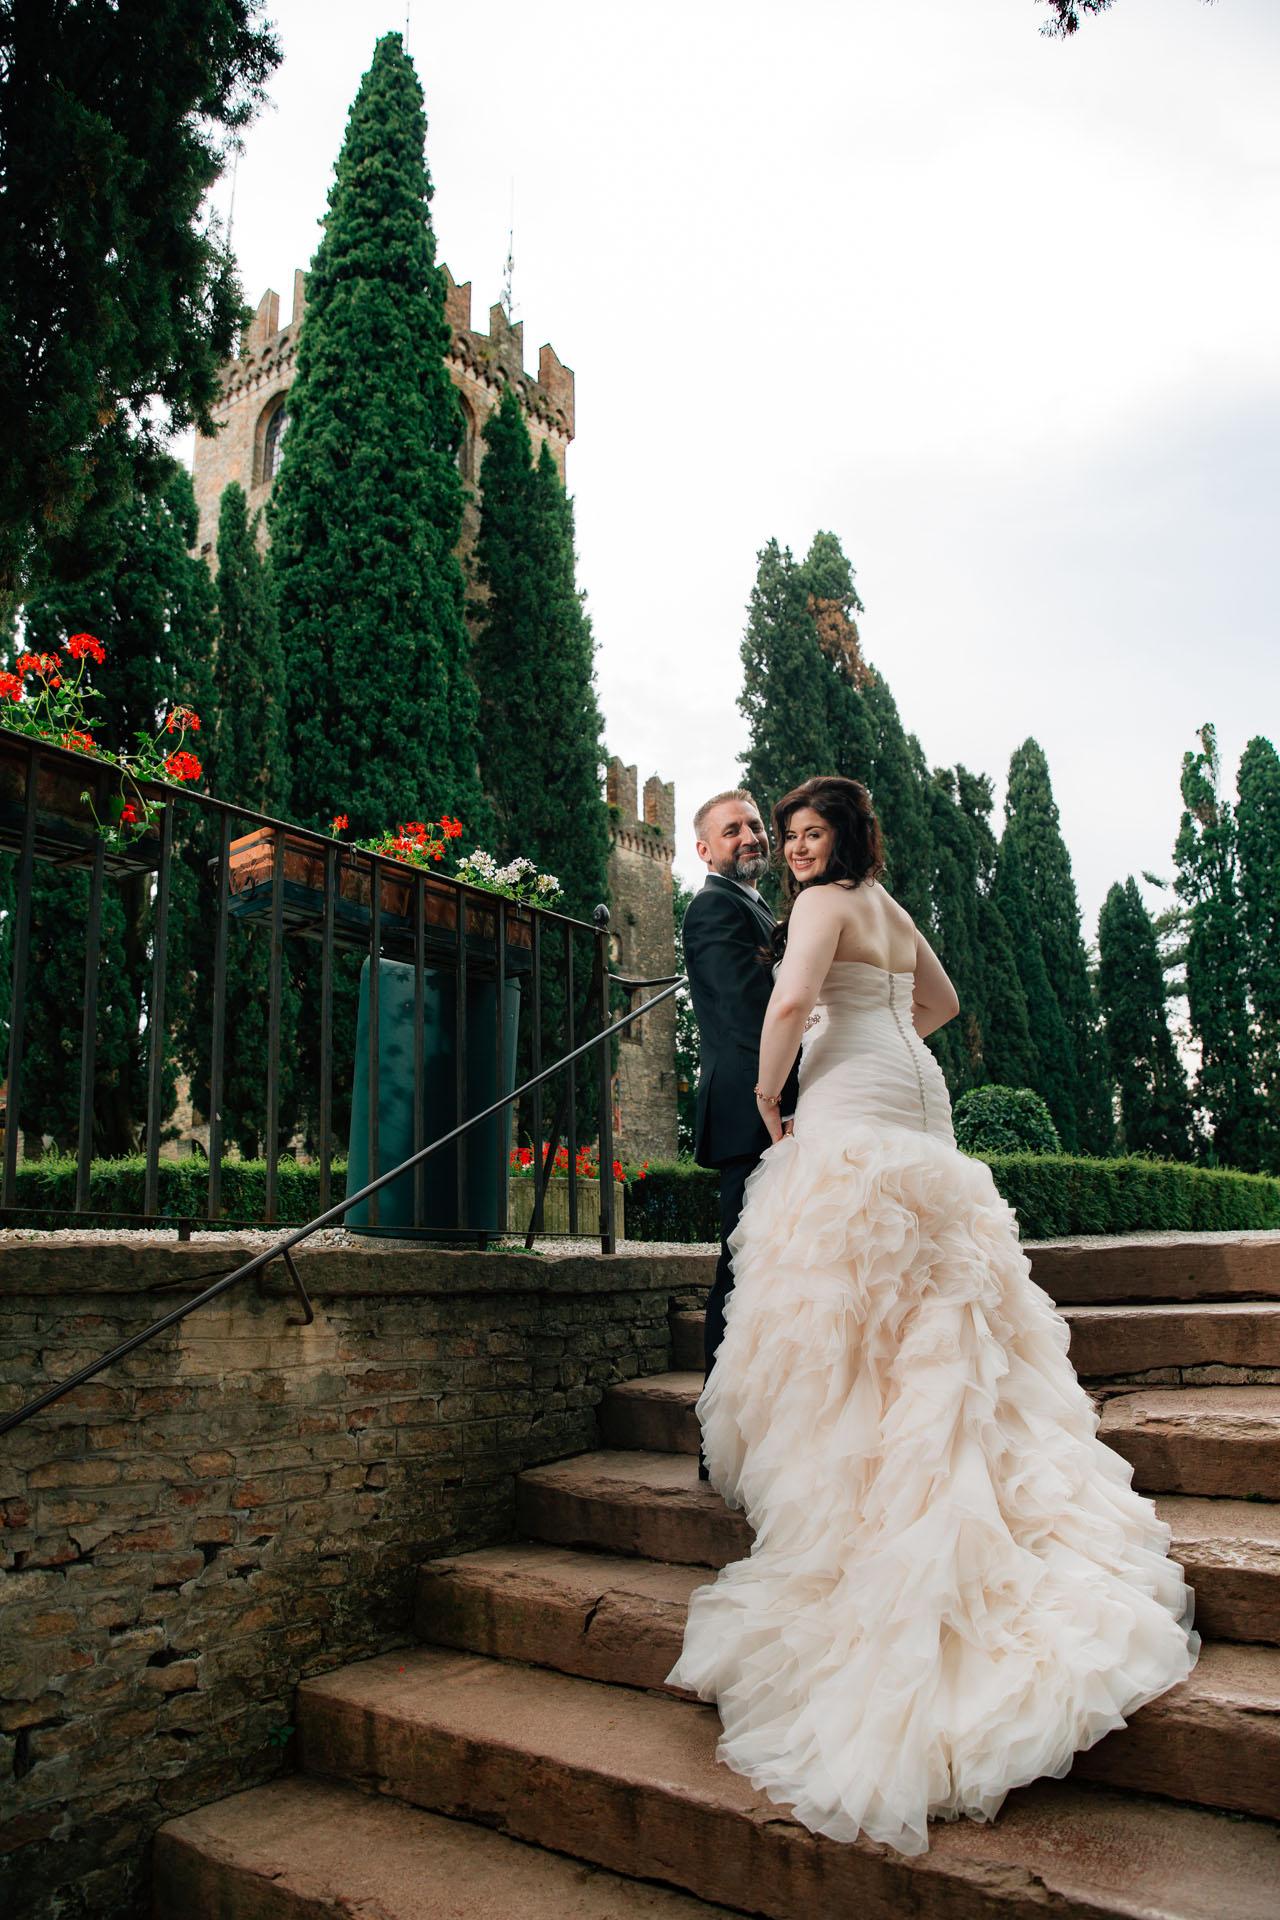 Jessica-Jason-Marito-e-Moglie-Weddingdestination-Storytelling-Renato-Zanette-Fotografo-Convento-San-Francesco-Conegliano-Treviso-Veneto